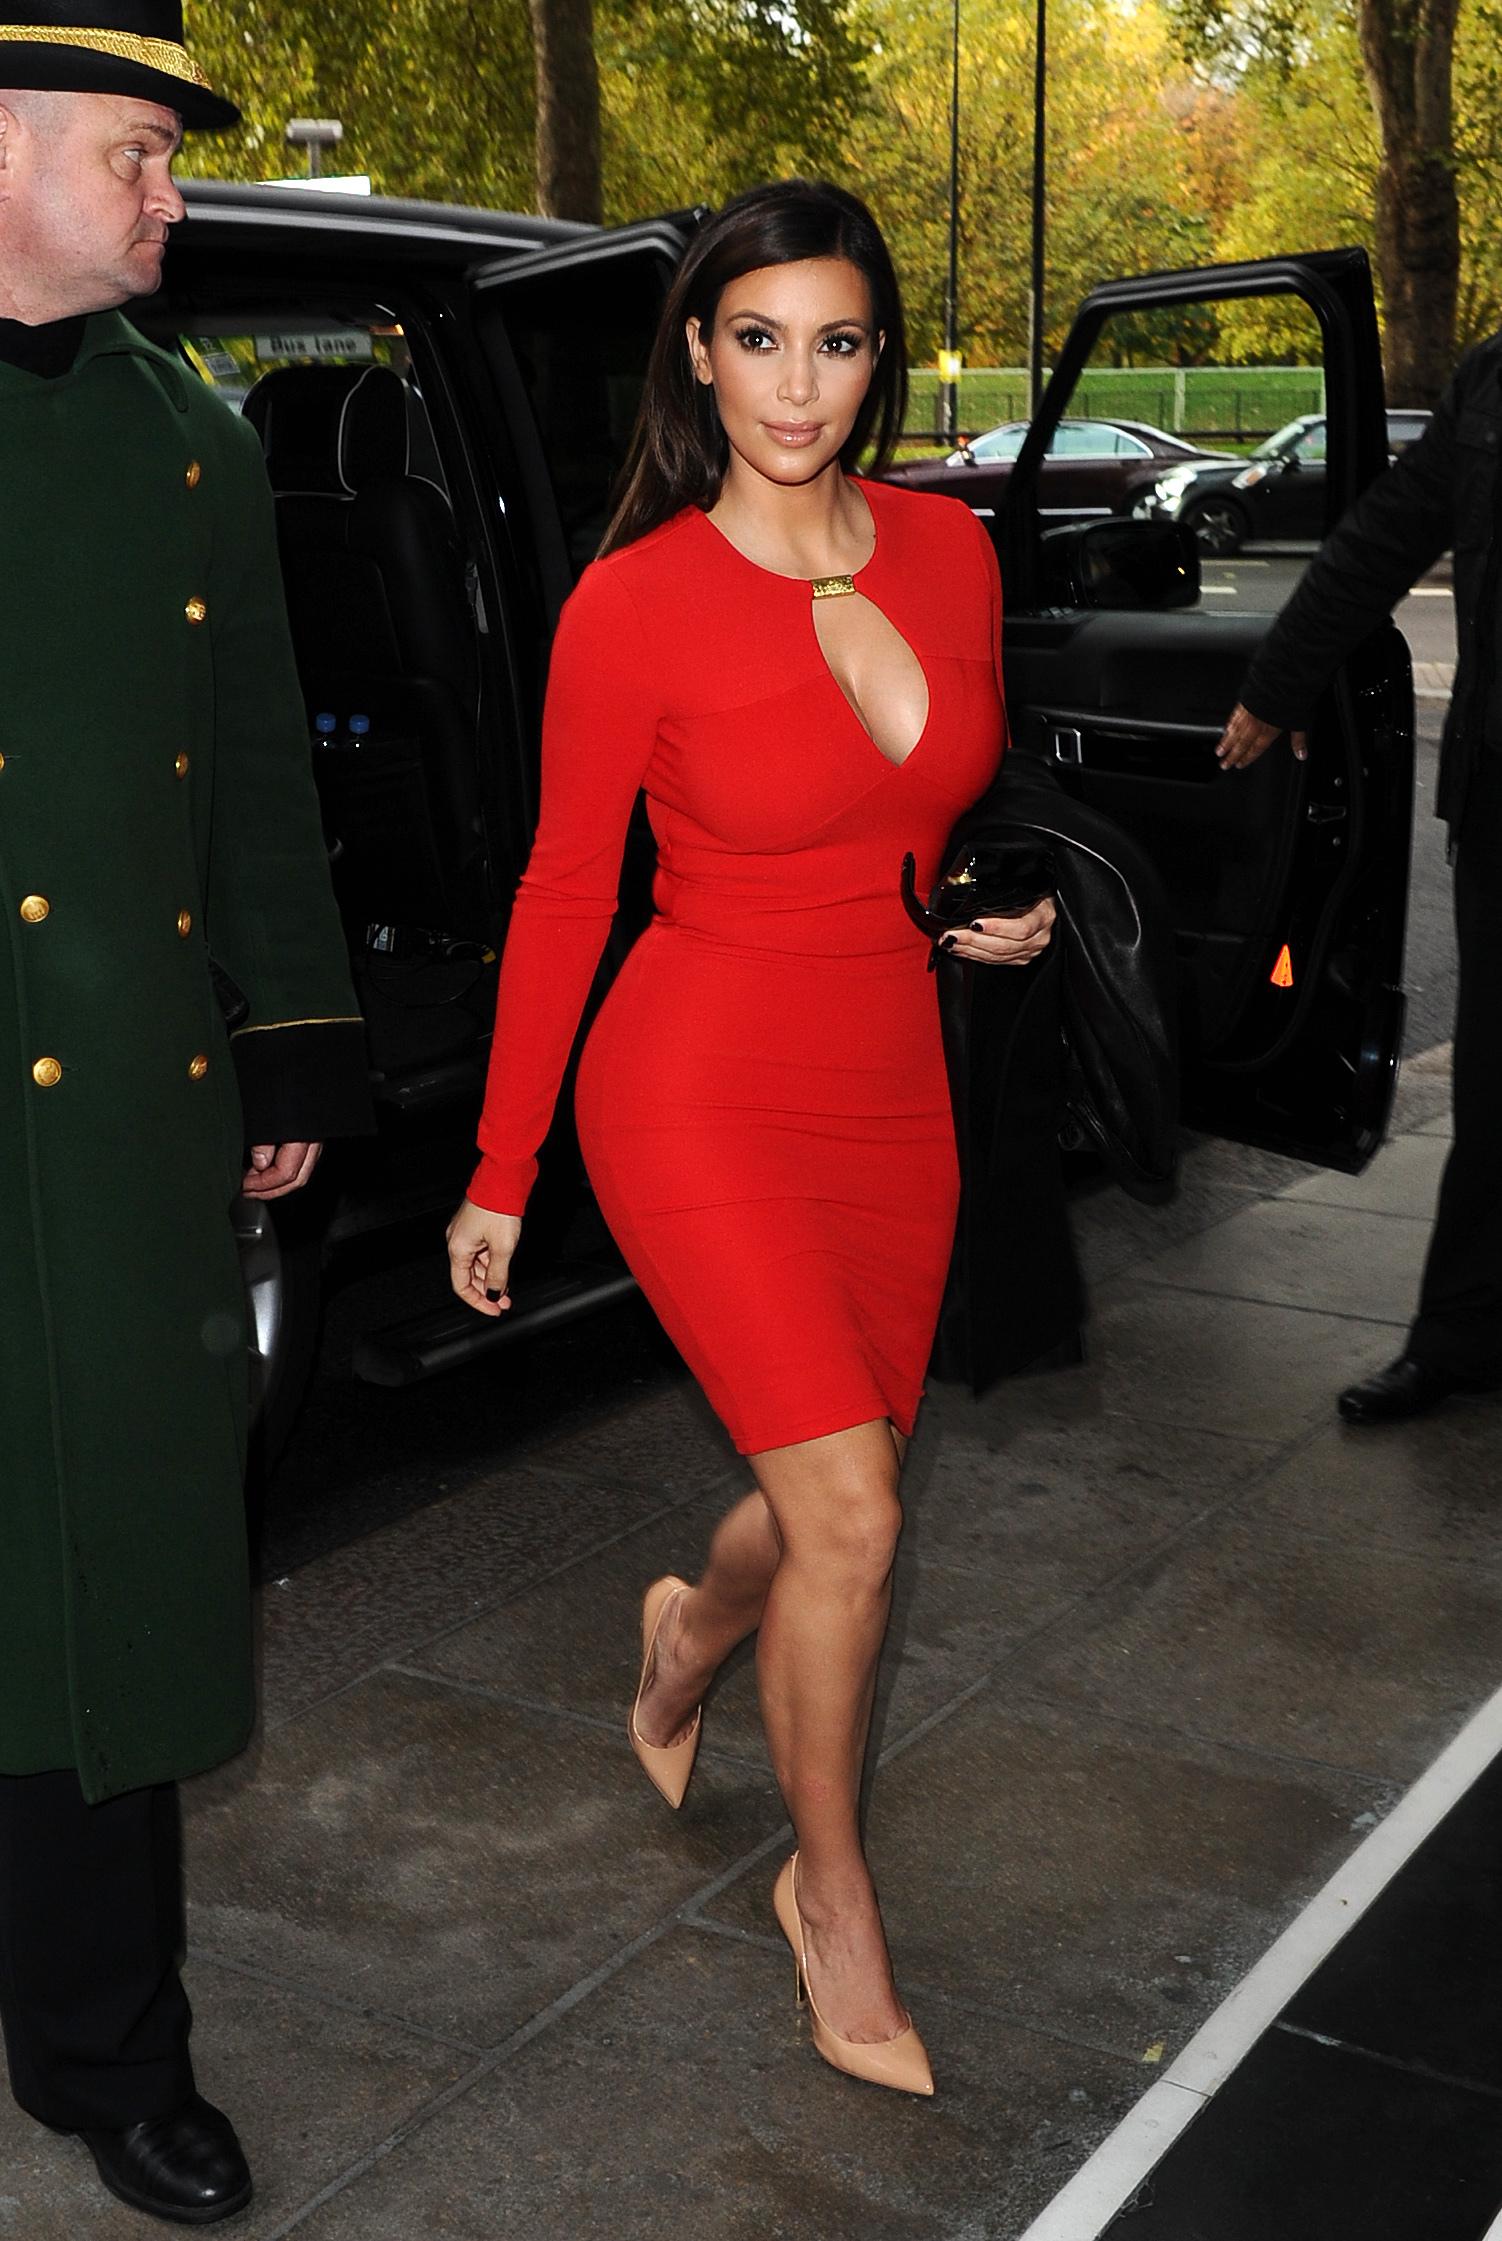 Kardashian_121109KG2_B GR_6